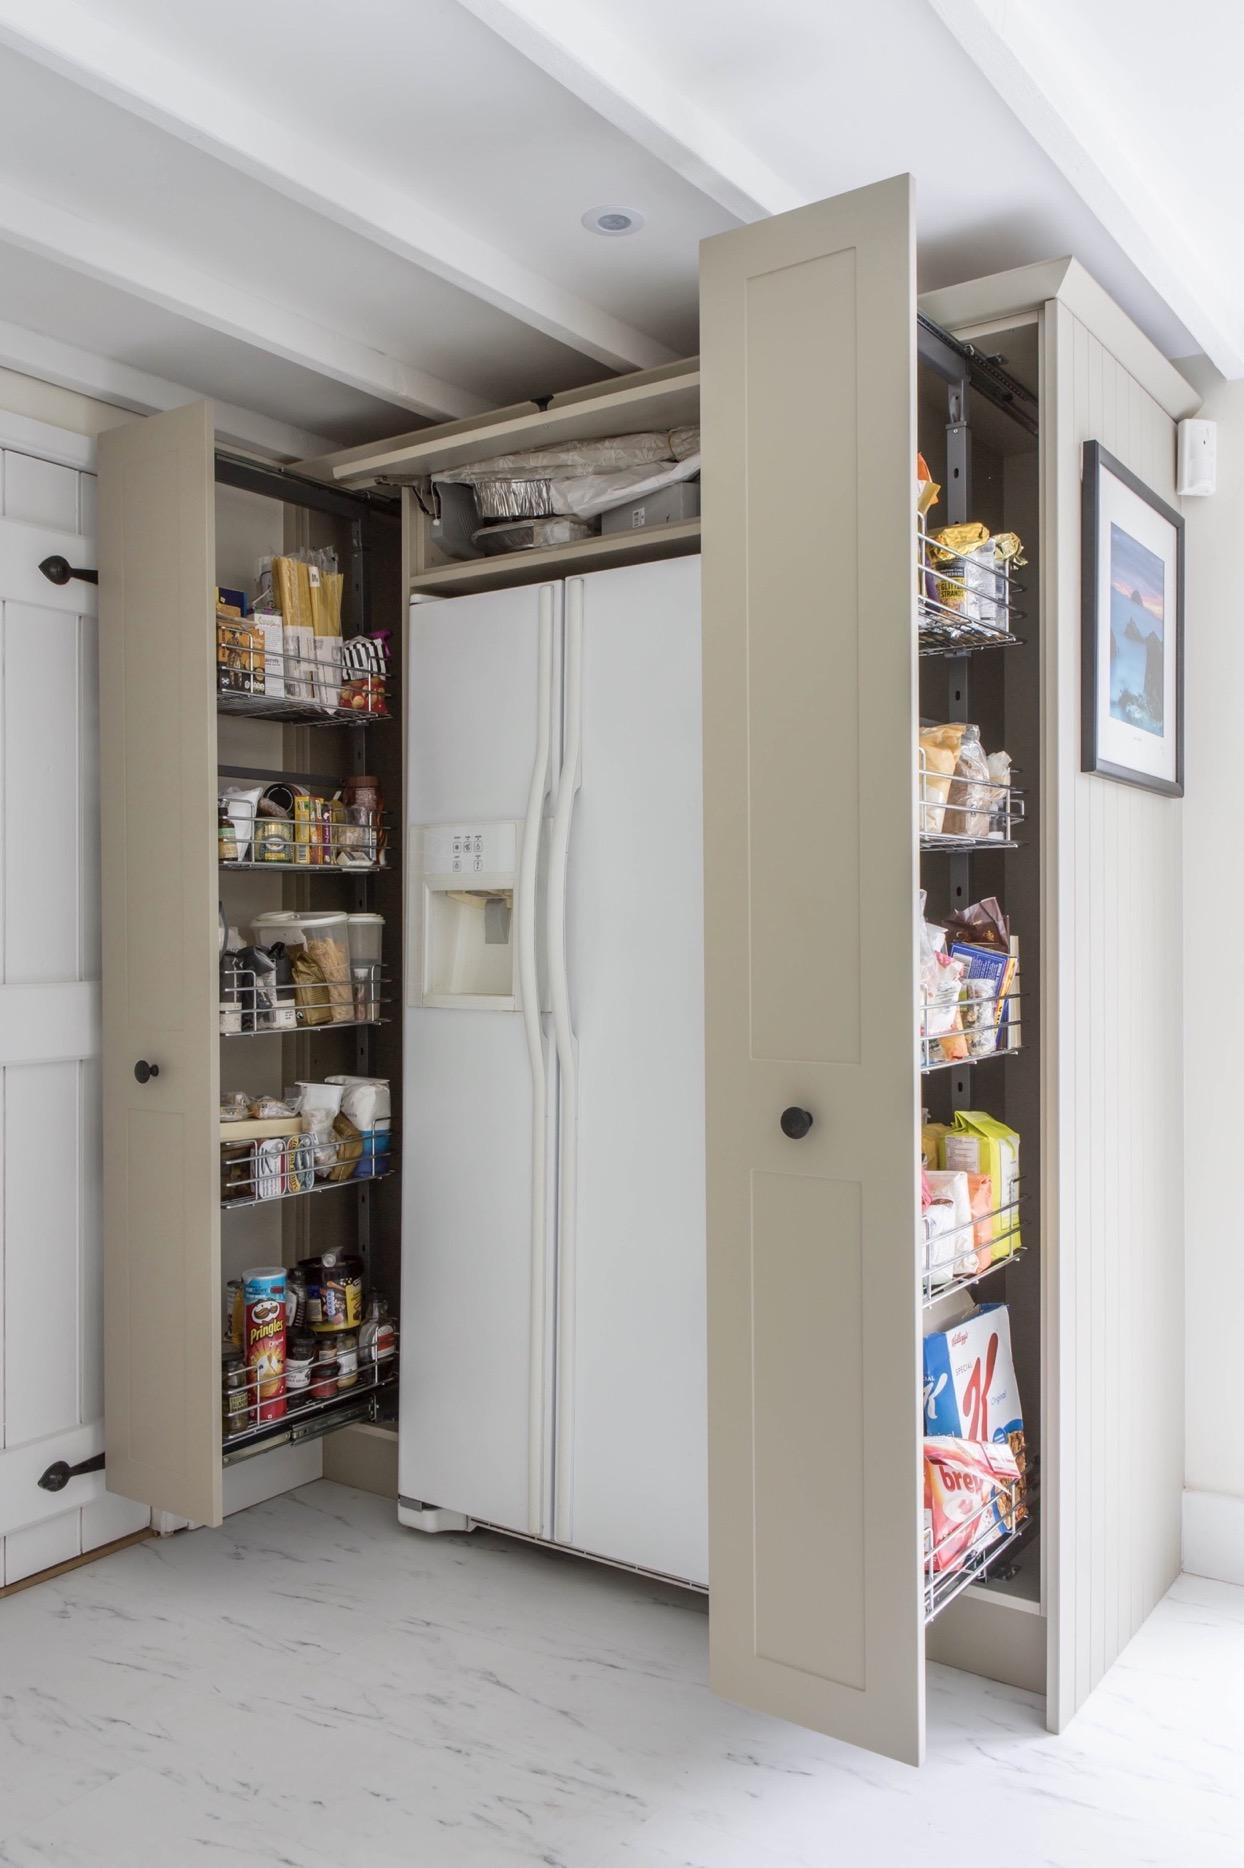 Pull out larder storage fridge housing shabbingdon thame buckinghamshire 2